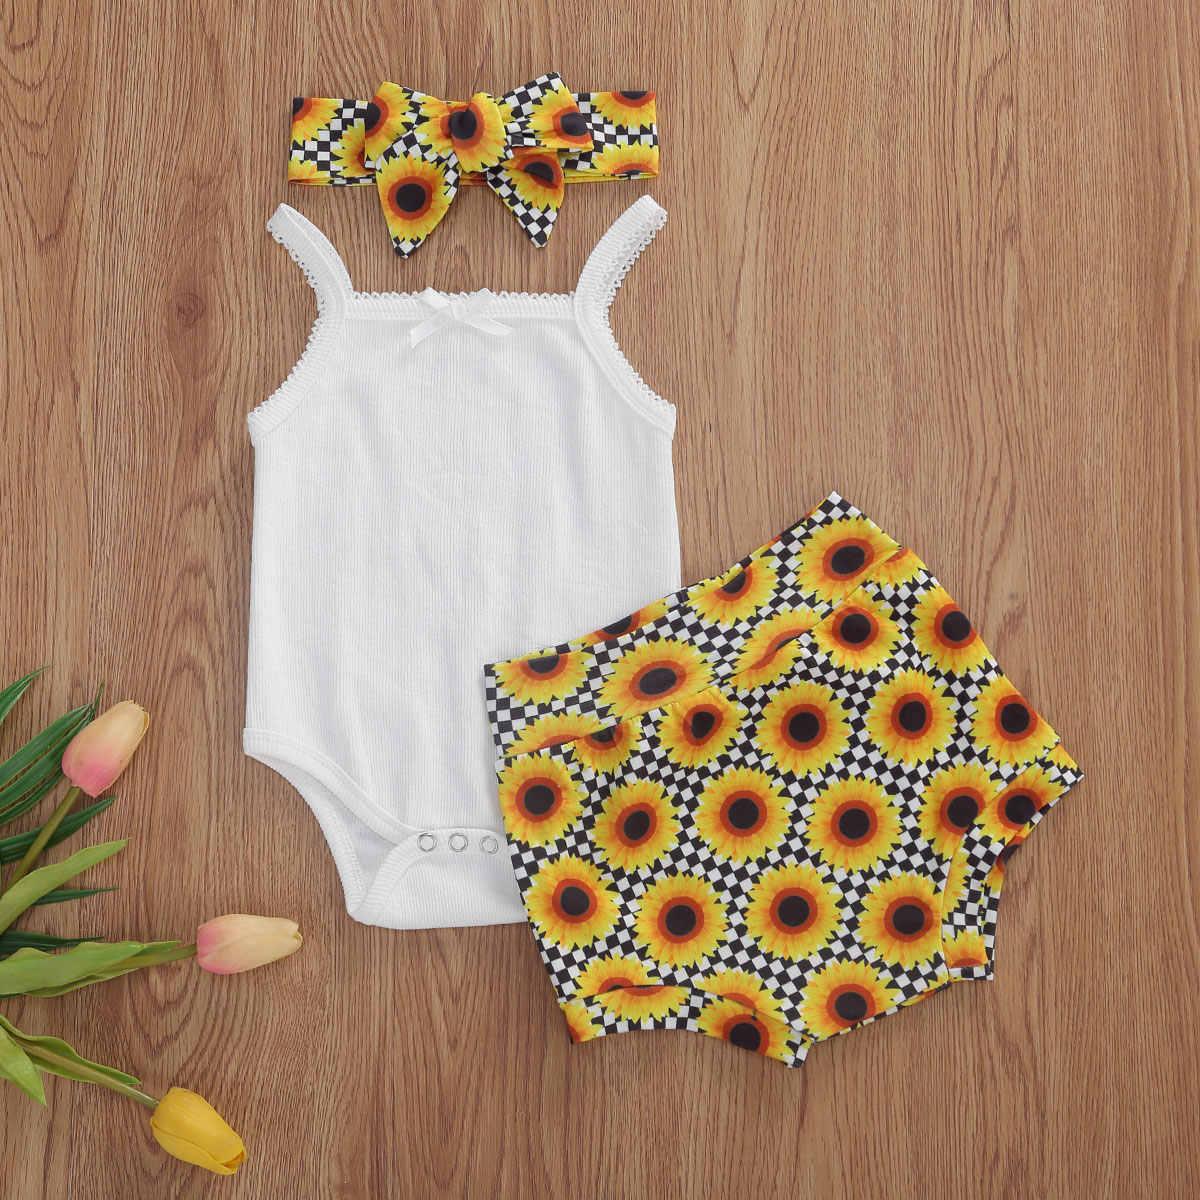 Yenidoğan bebek bebek kız erkek giysileri setleri 3 adet baskı Ruffles kollu Romper üstleri şort kafa 0-18M